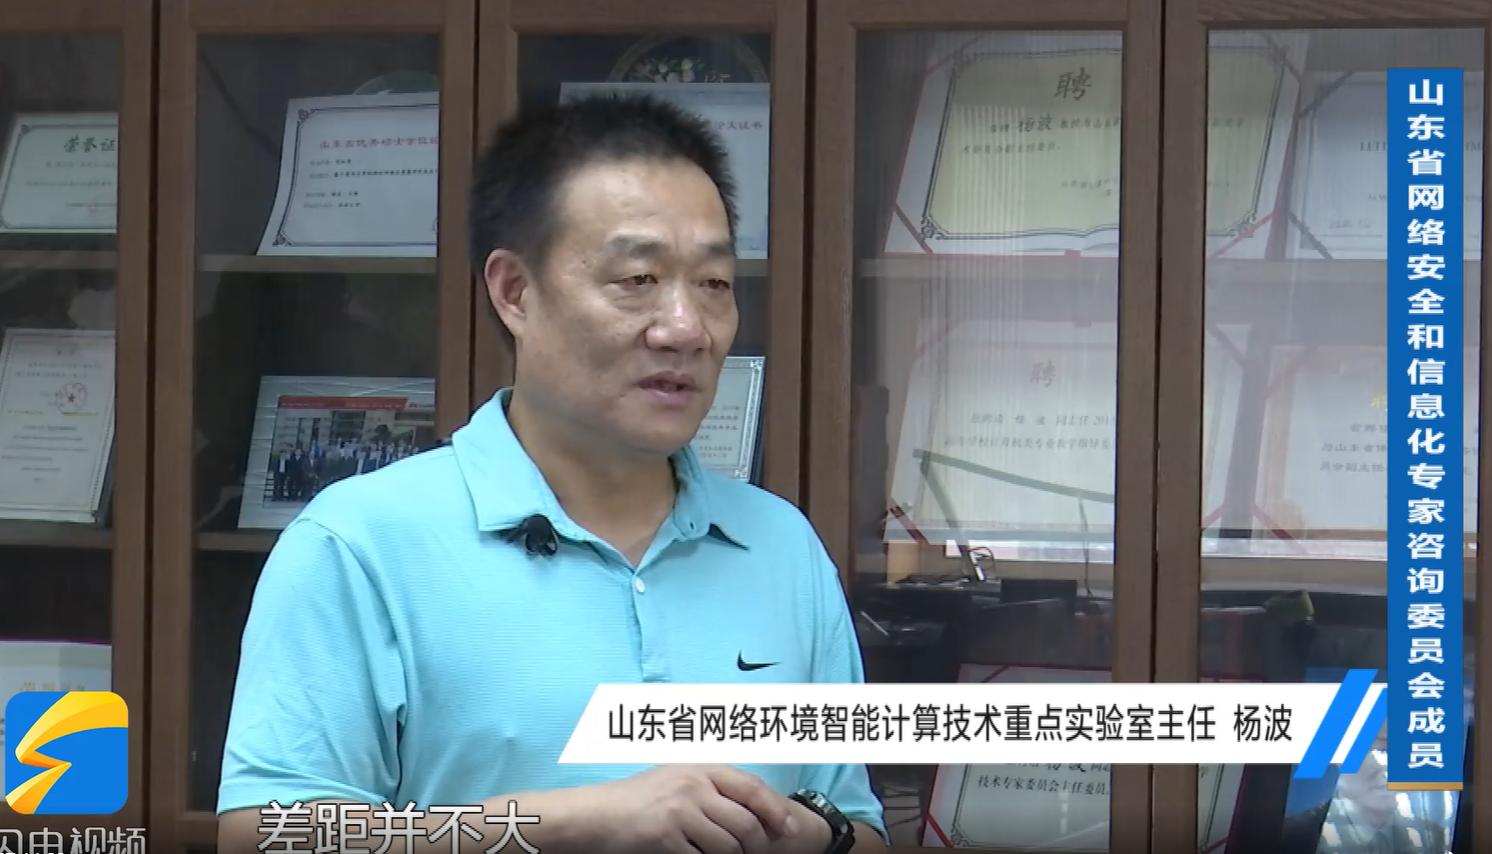 杨波:维护网络安全需实现基础研究新突破,完成重大技术研发新挑战